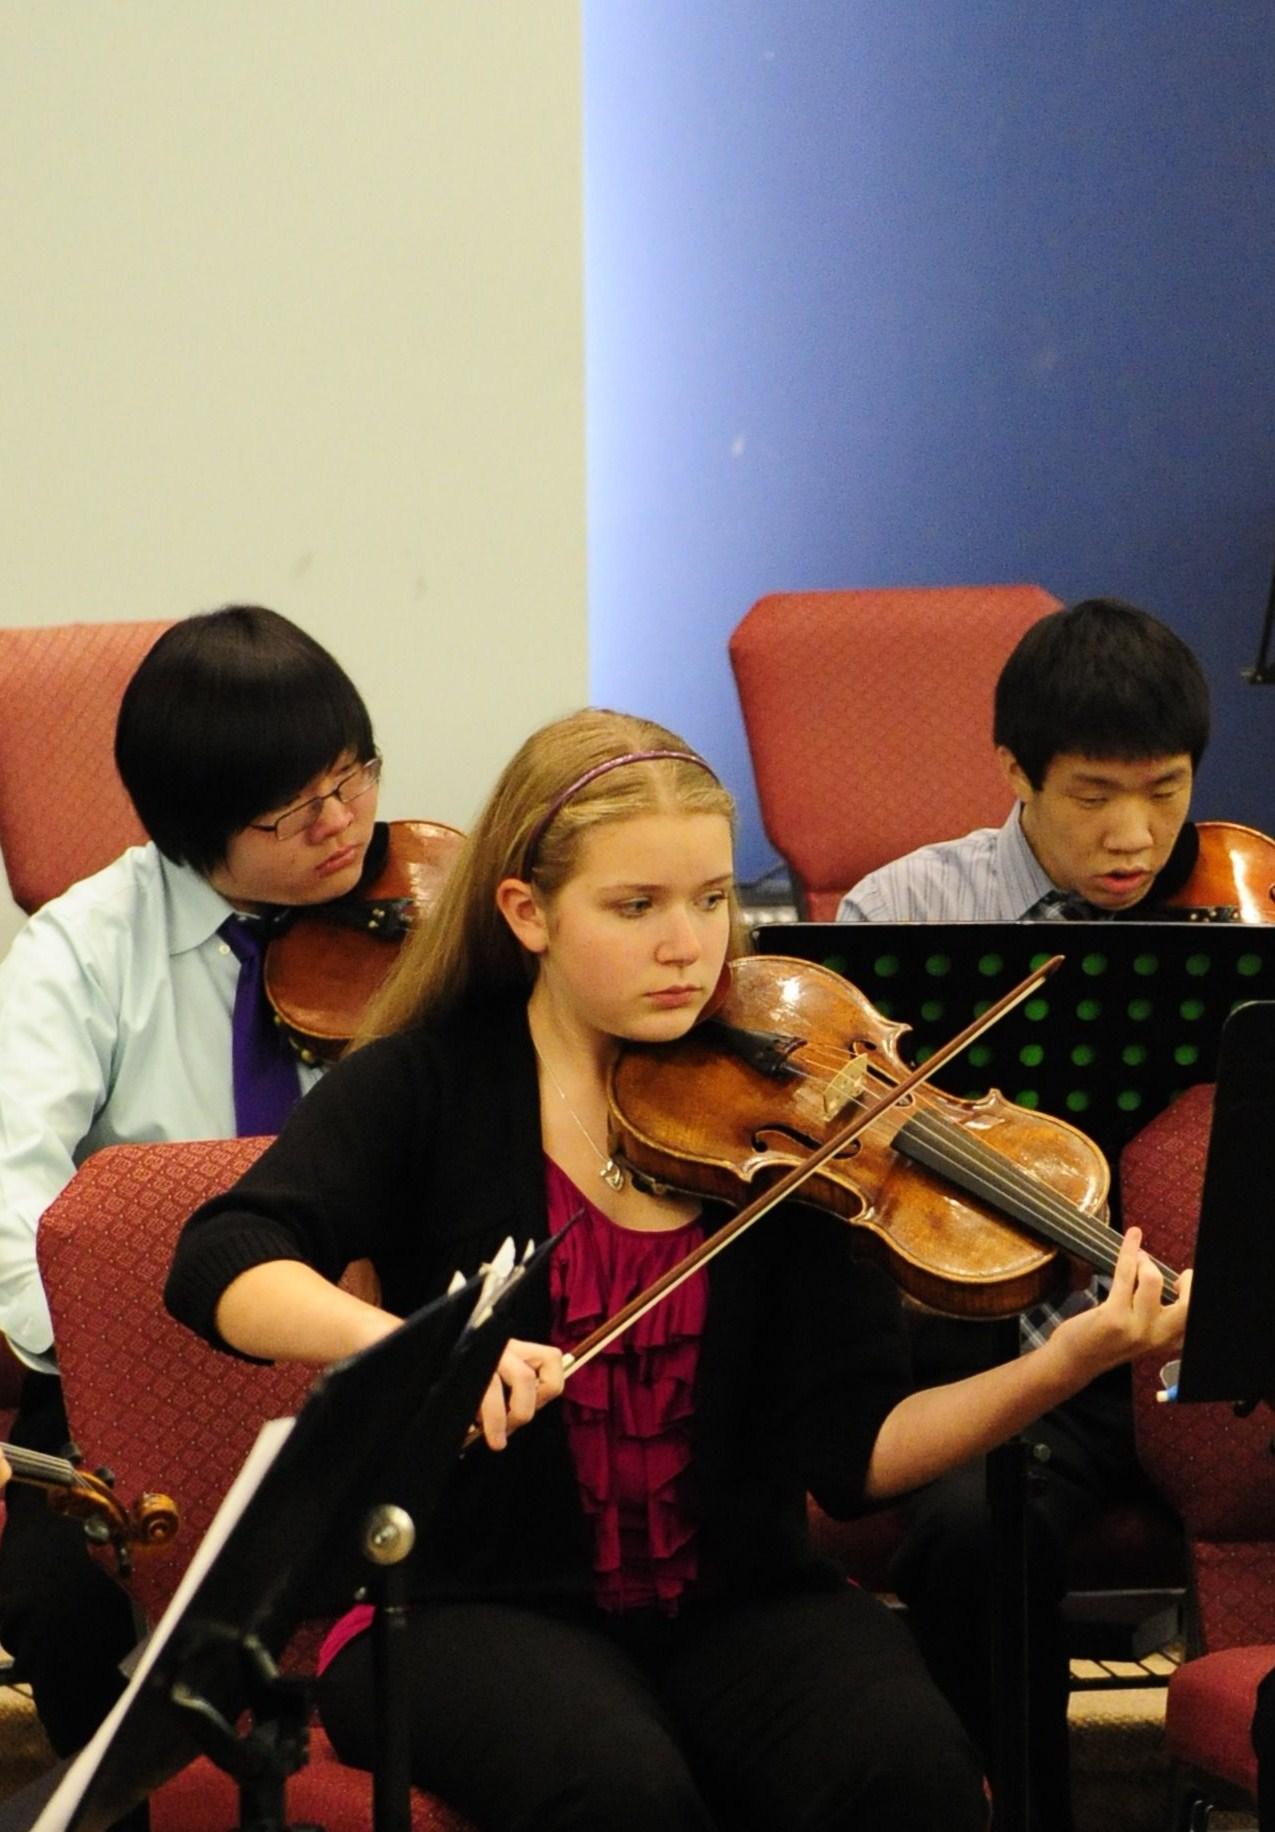 An intense viola section